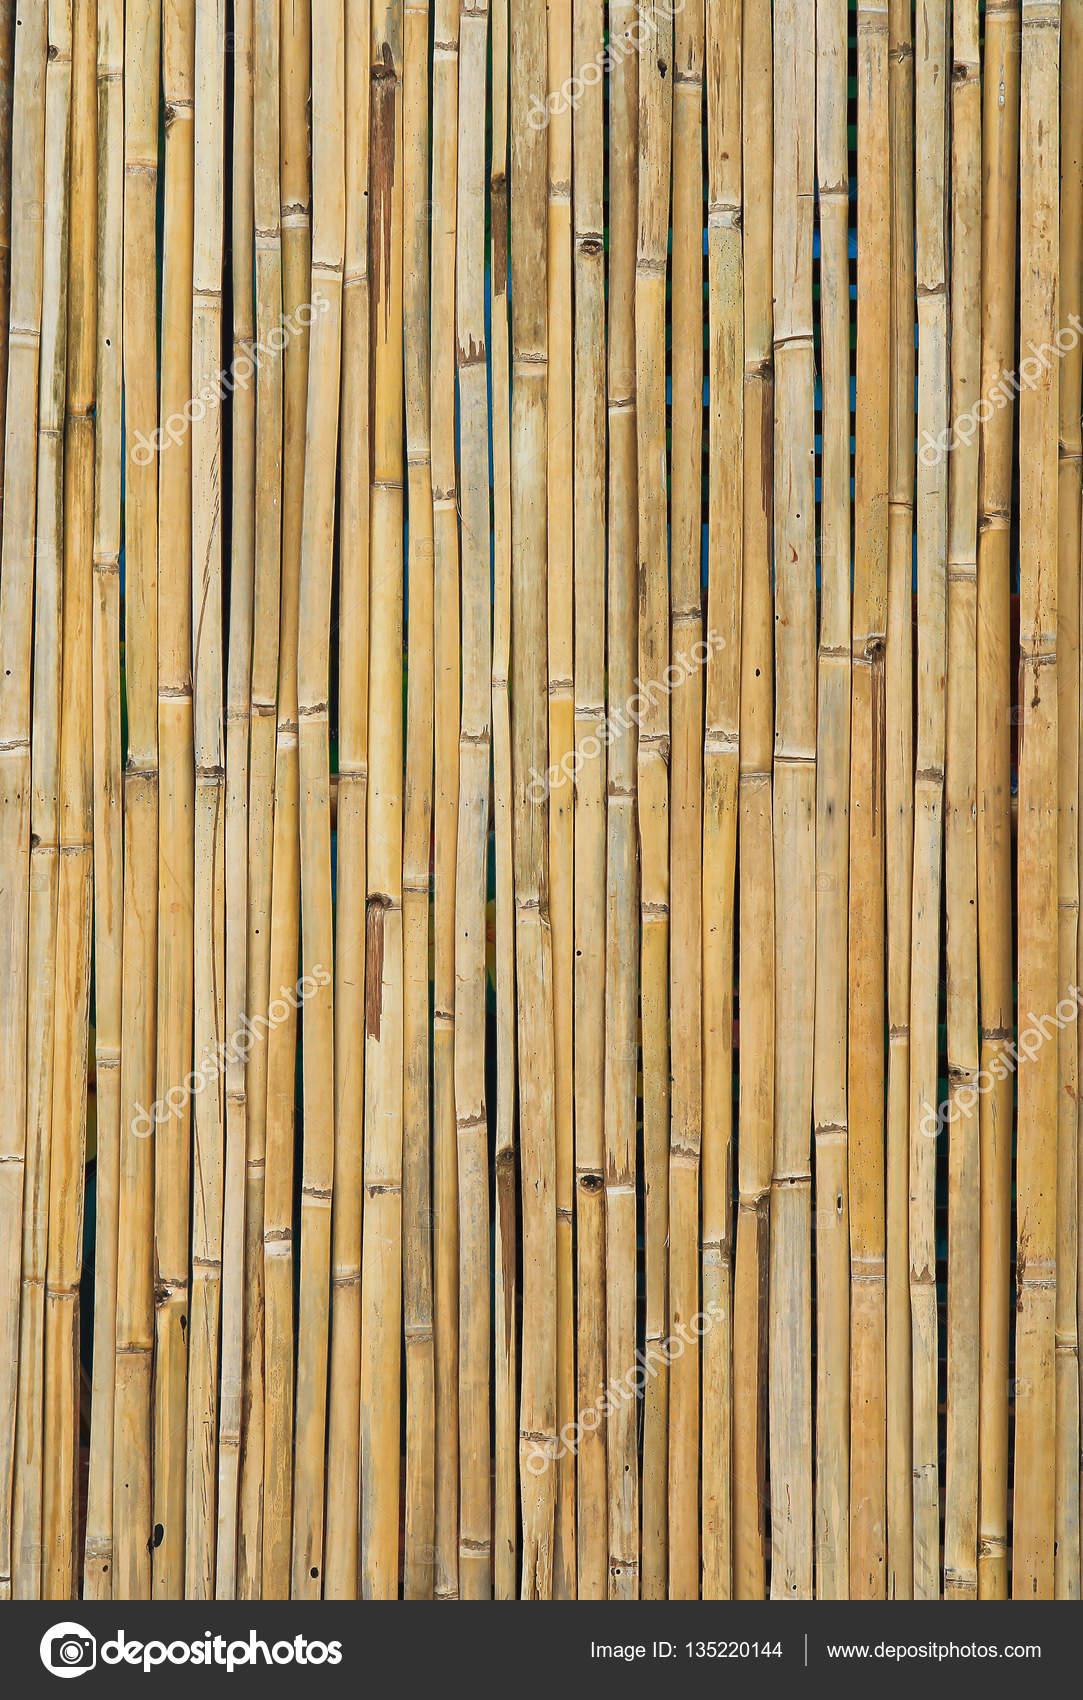 Fotos Bambu Seco Palillos De Bambu Seco Foto De Stock - Bambu-seco